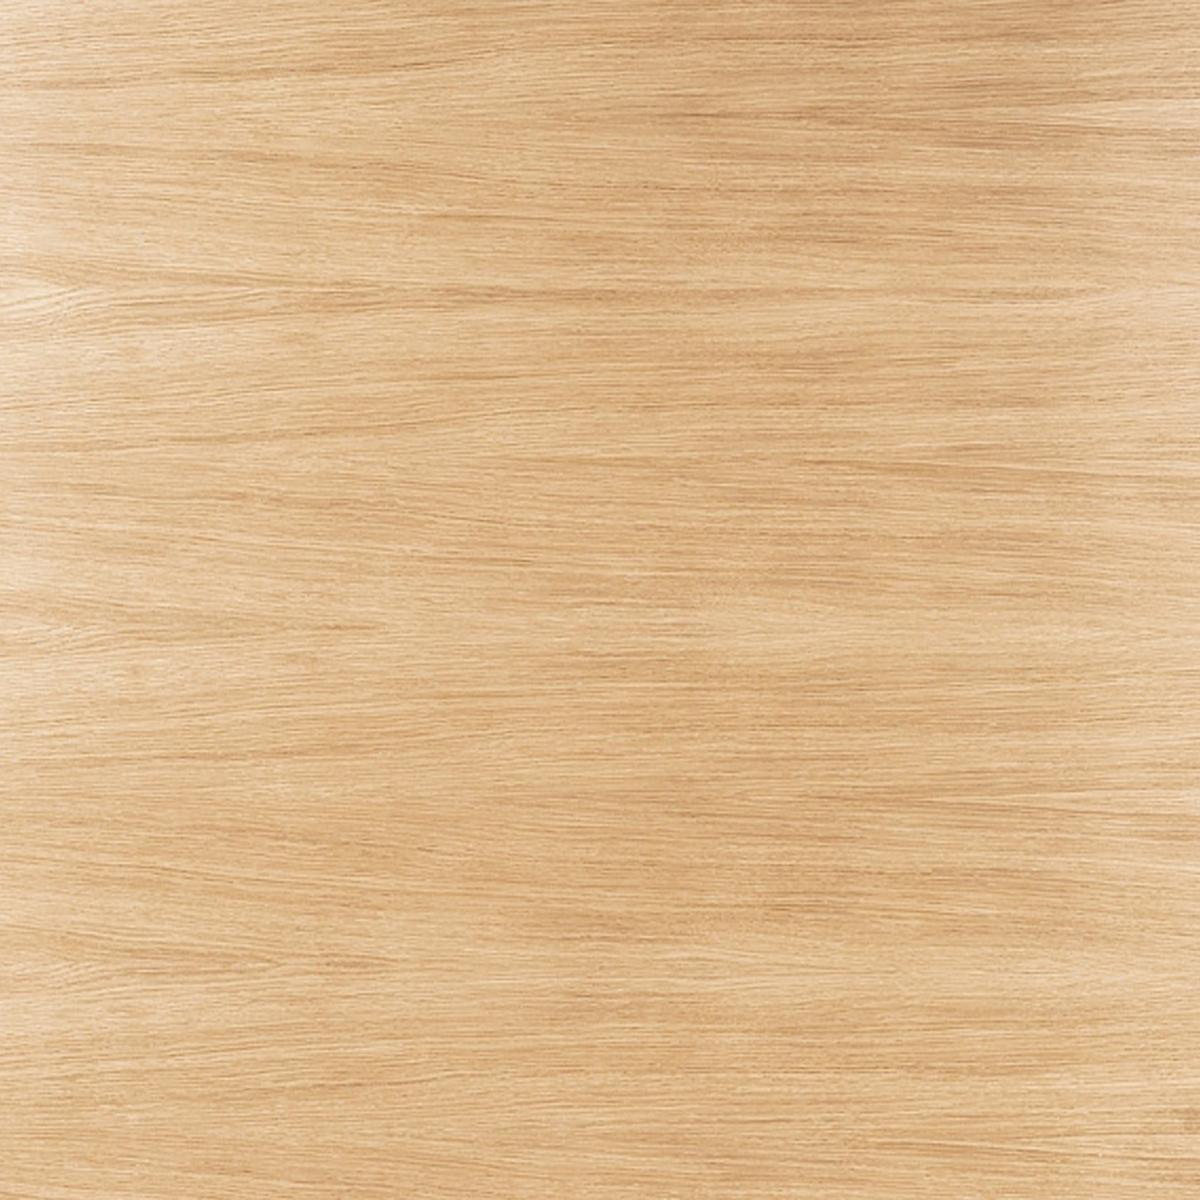 Esstisch Furnier 504104-1